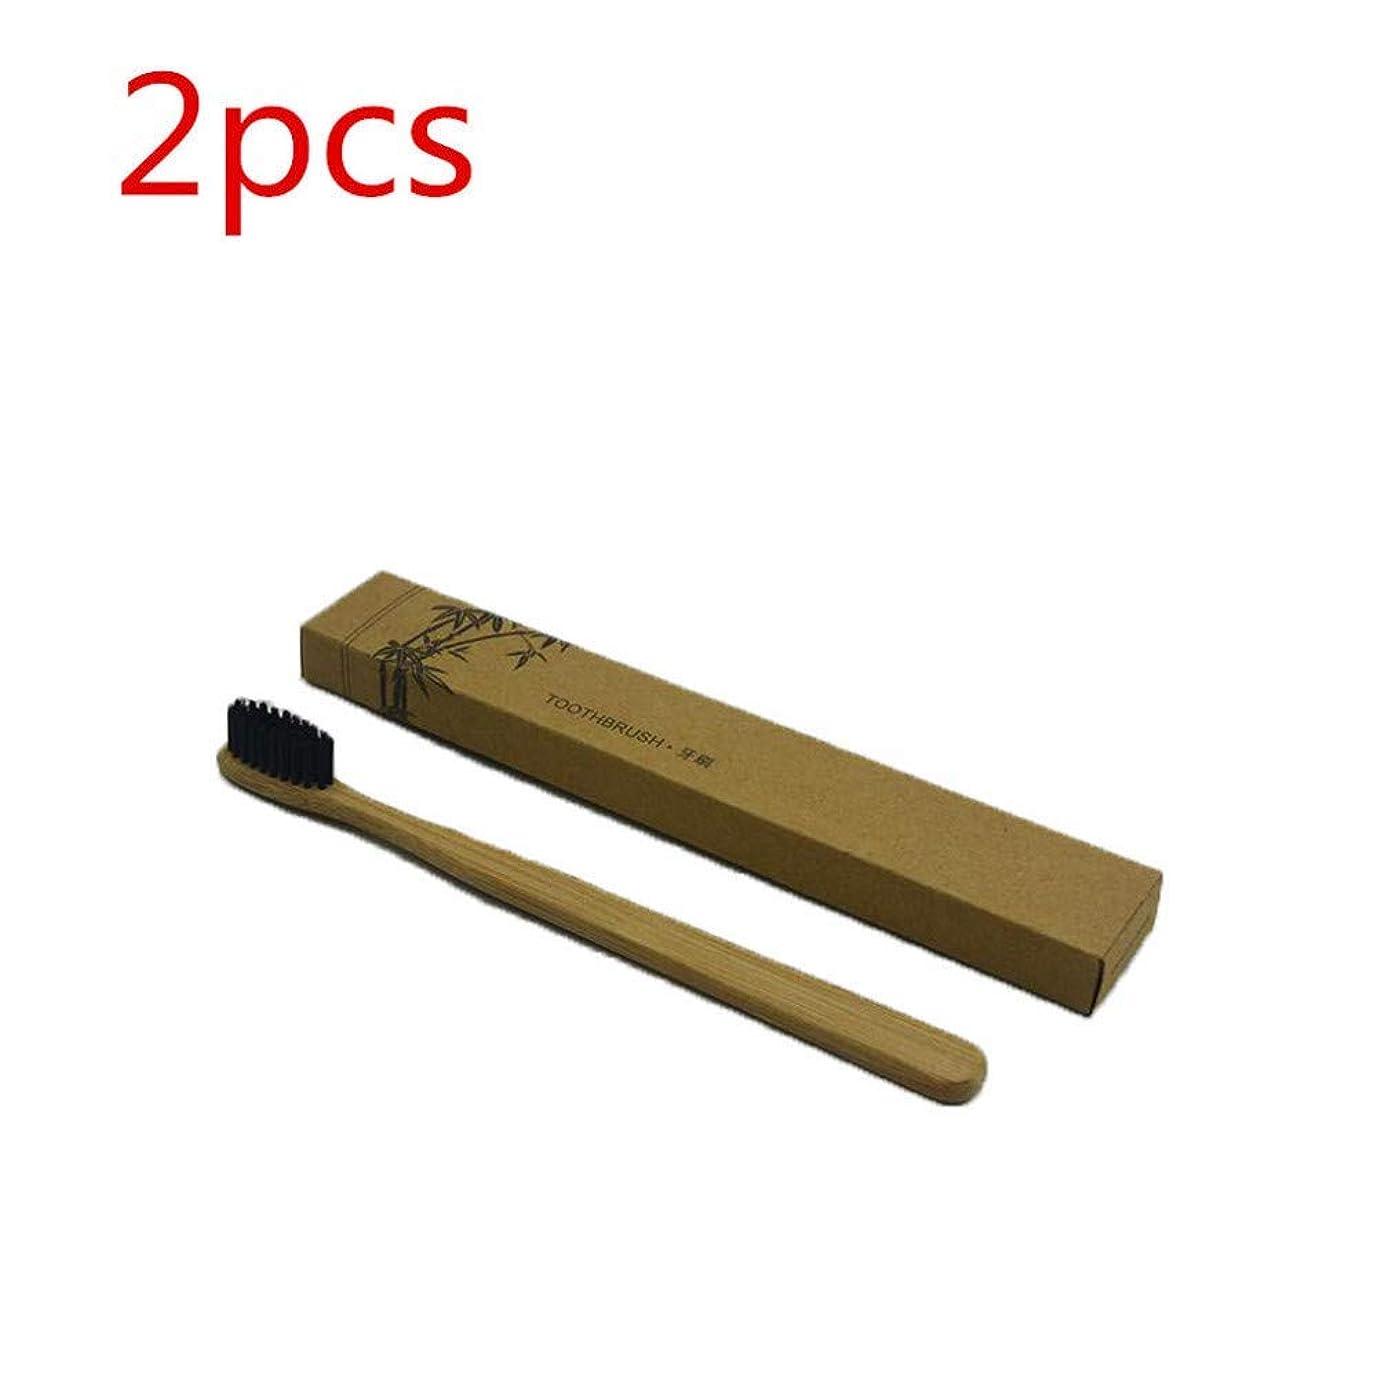 農業倫理エーカー2ピース竹歯ブラシ卸売木製竹歯ブラシオーラルケア柔らかい毛木製歯ブラシ竹、B